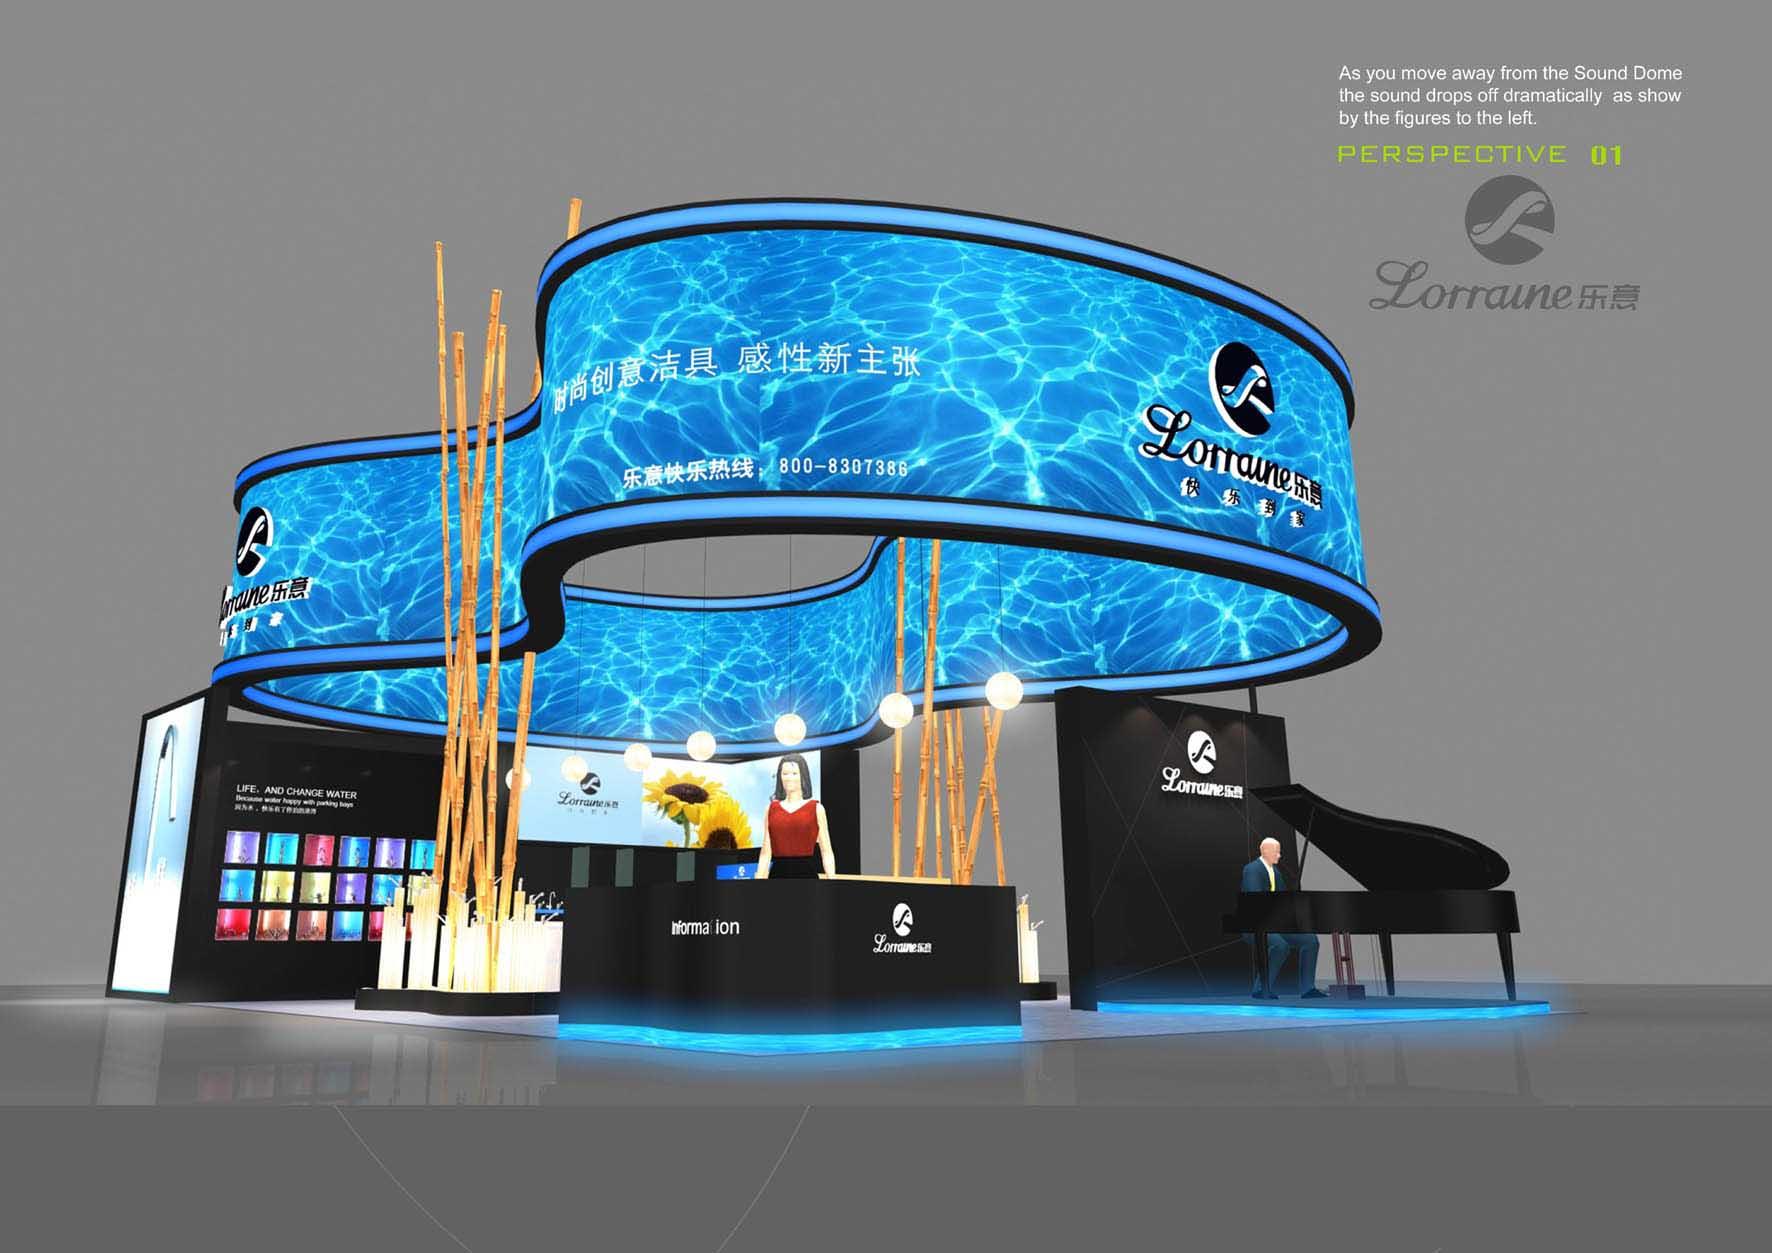 大华集团展台展示设计效果图欣赏 - 中国展览设计网图片